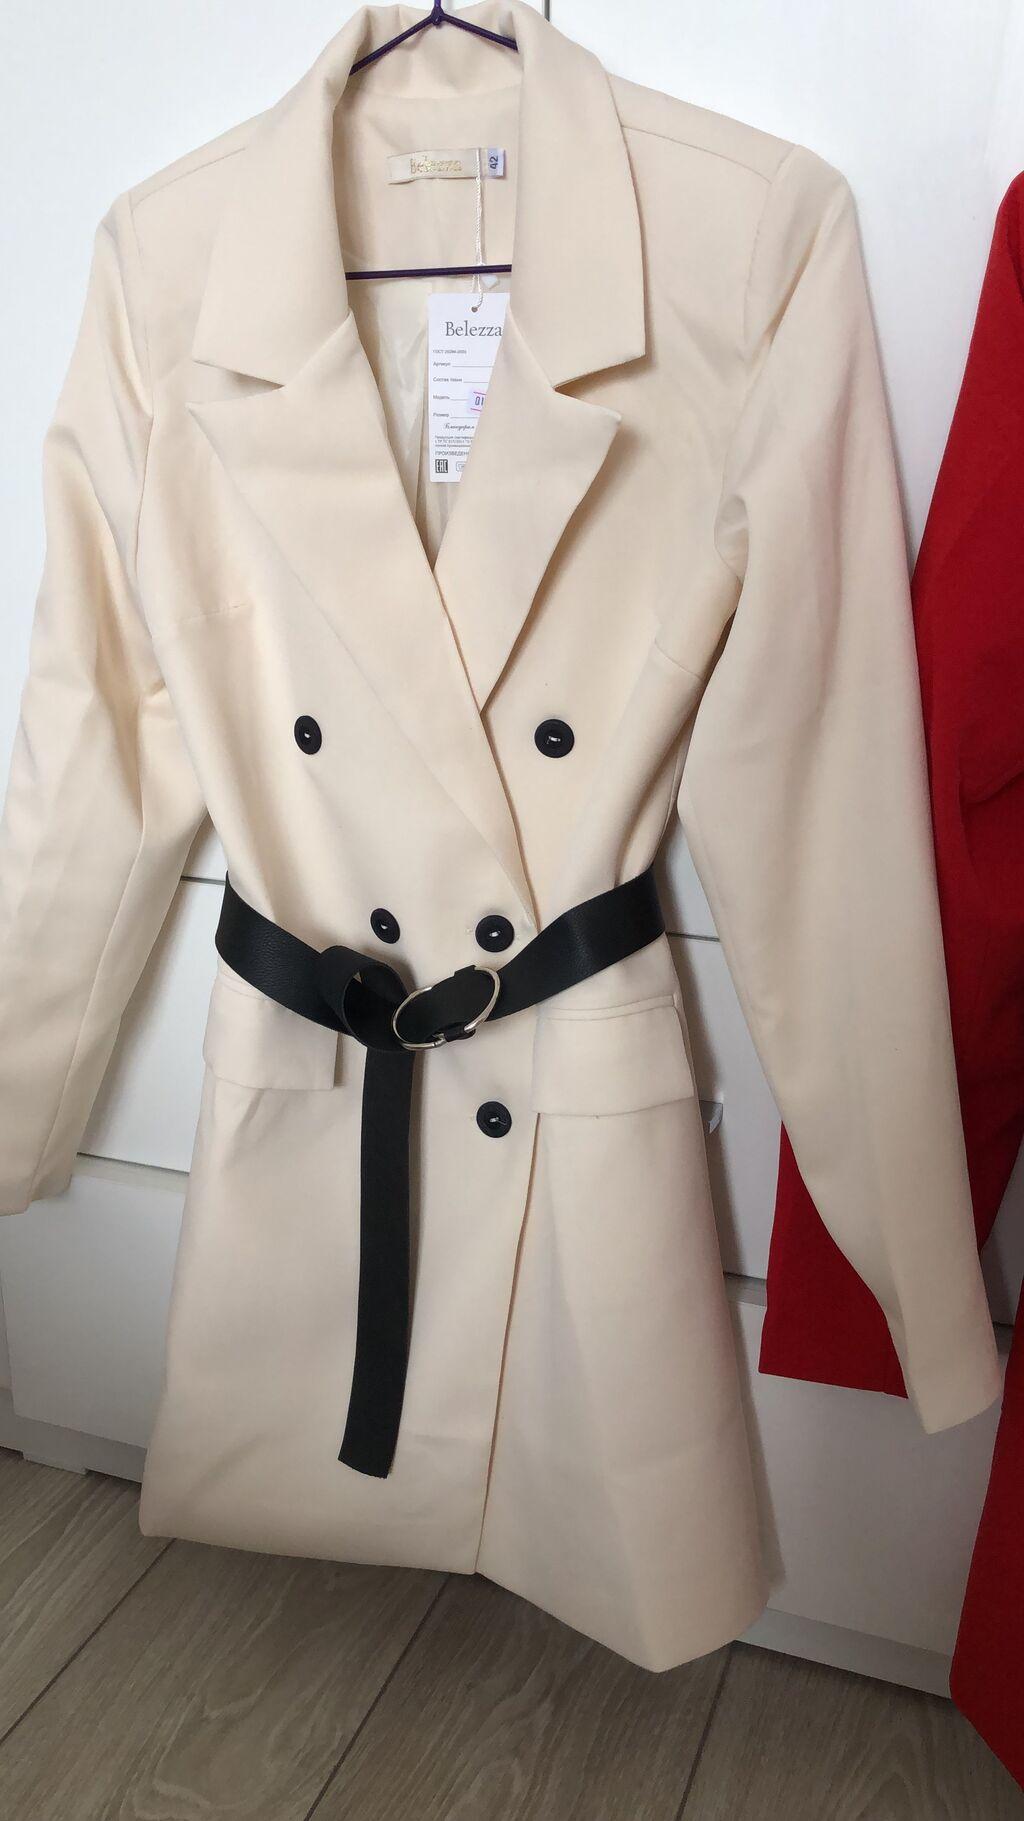 Платье (барби) хорошего качества размеры S,M. 1500м: Платье (барби) хорошего качества размеры S,M. 1500м